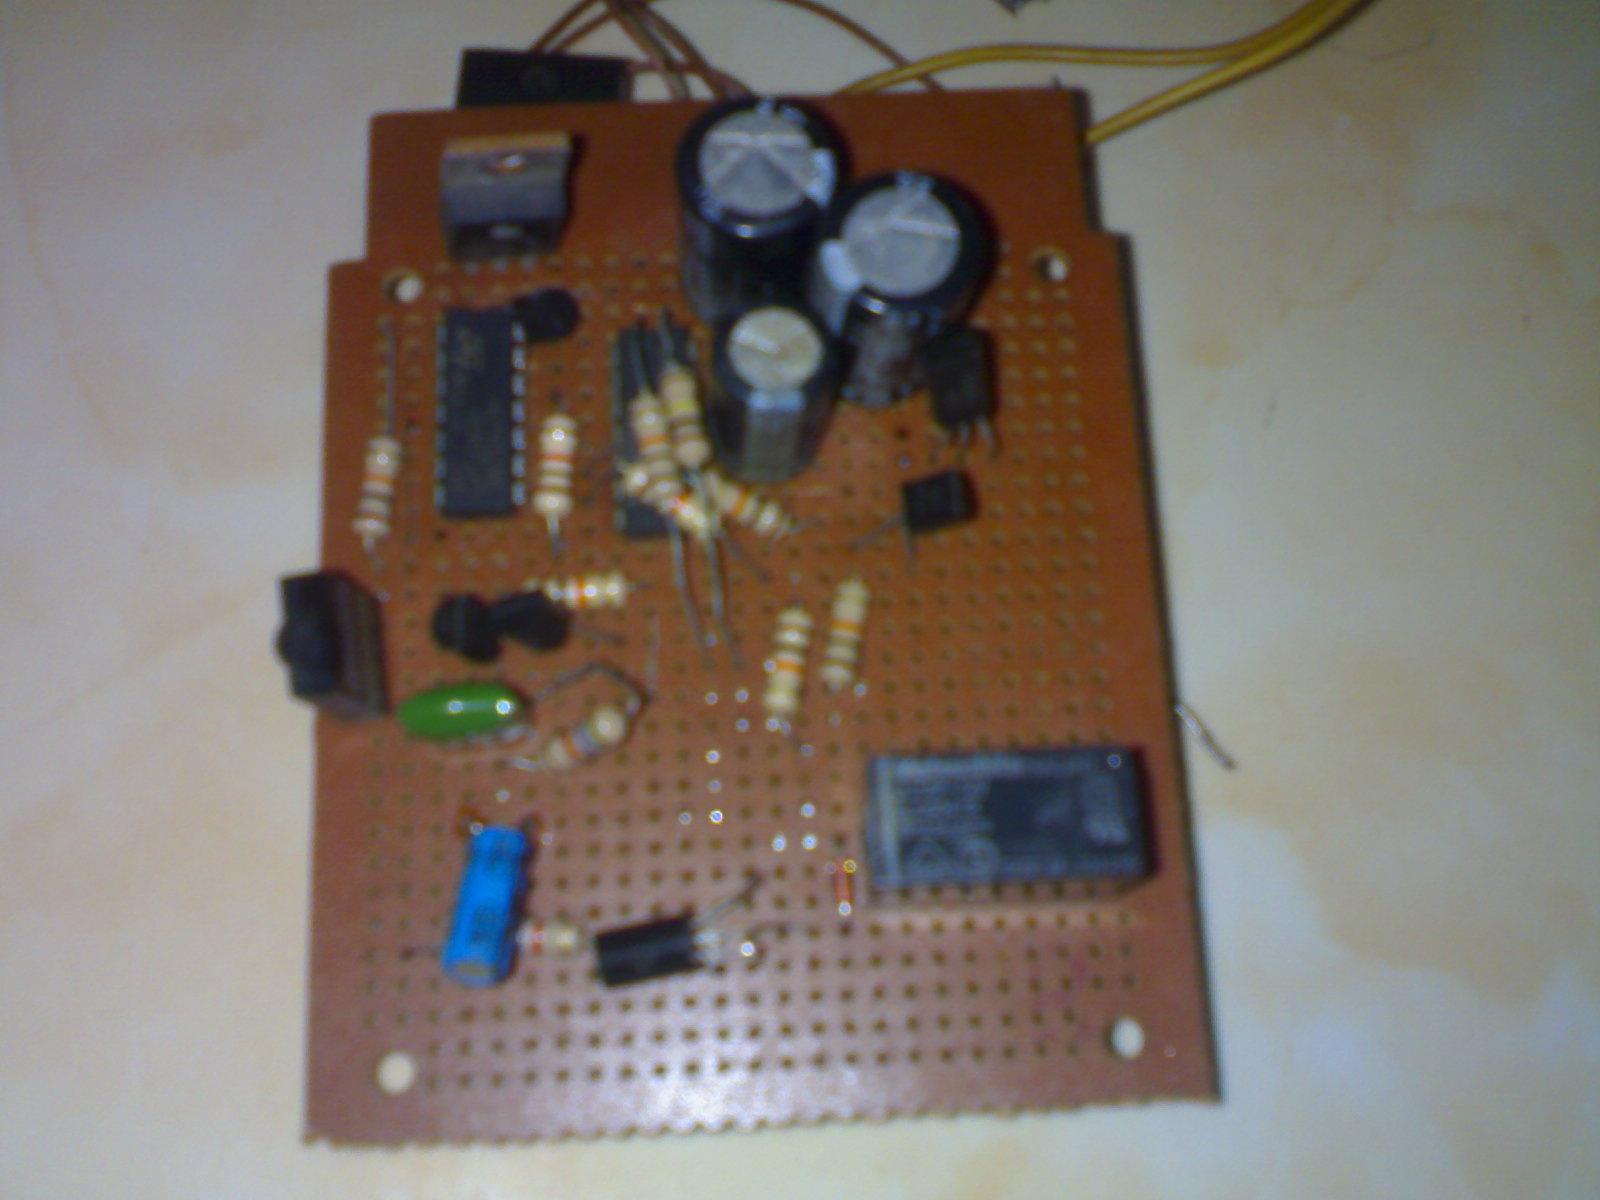 Welcome To My Blog Februari 2013 Details Over Lm358n Integrated Circuit Opamp X 10 Pieces Saklar Infra Merah Switchdengan Alat Ini Berfungsi Untuk Mendeteksi Sinar Yang Di Pancarkan Remot Control Sehingga Dapat